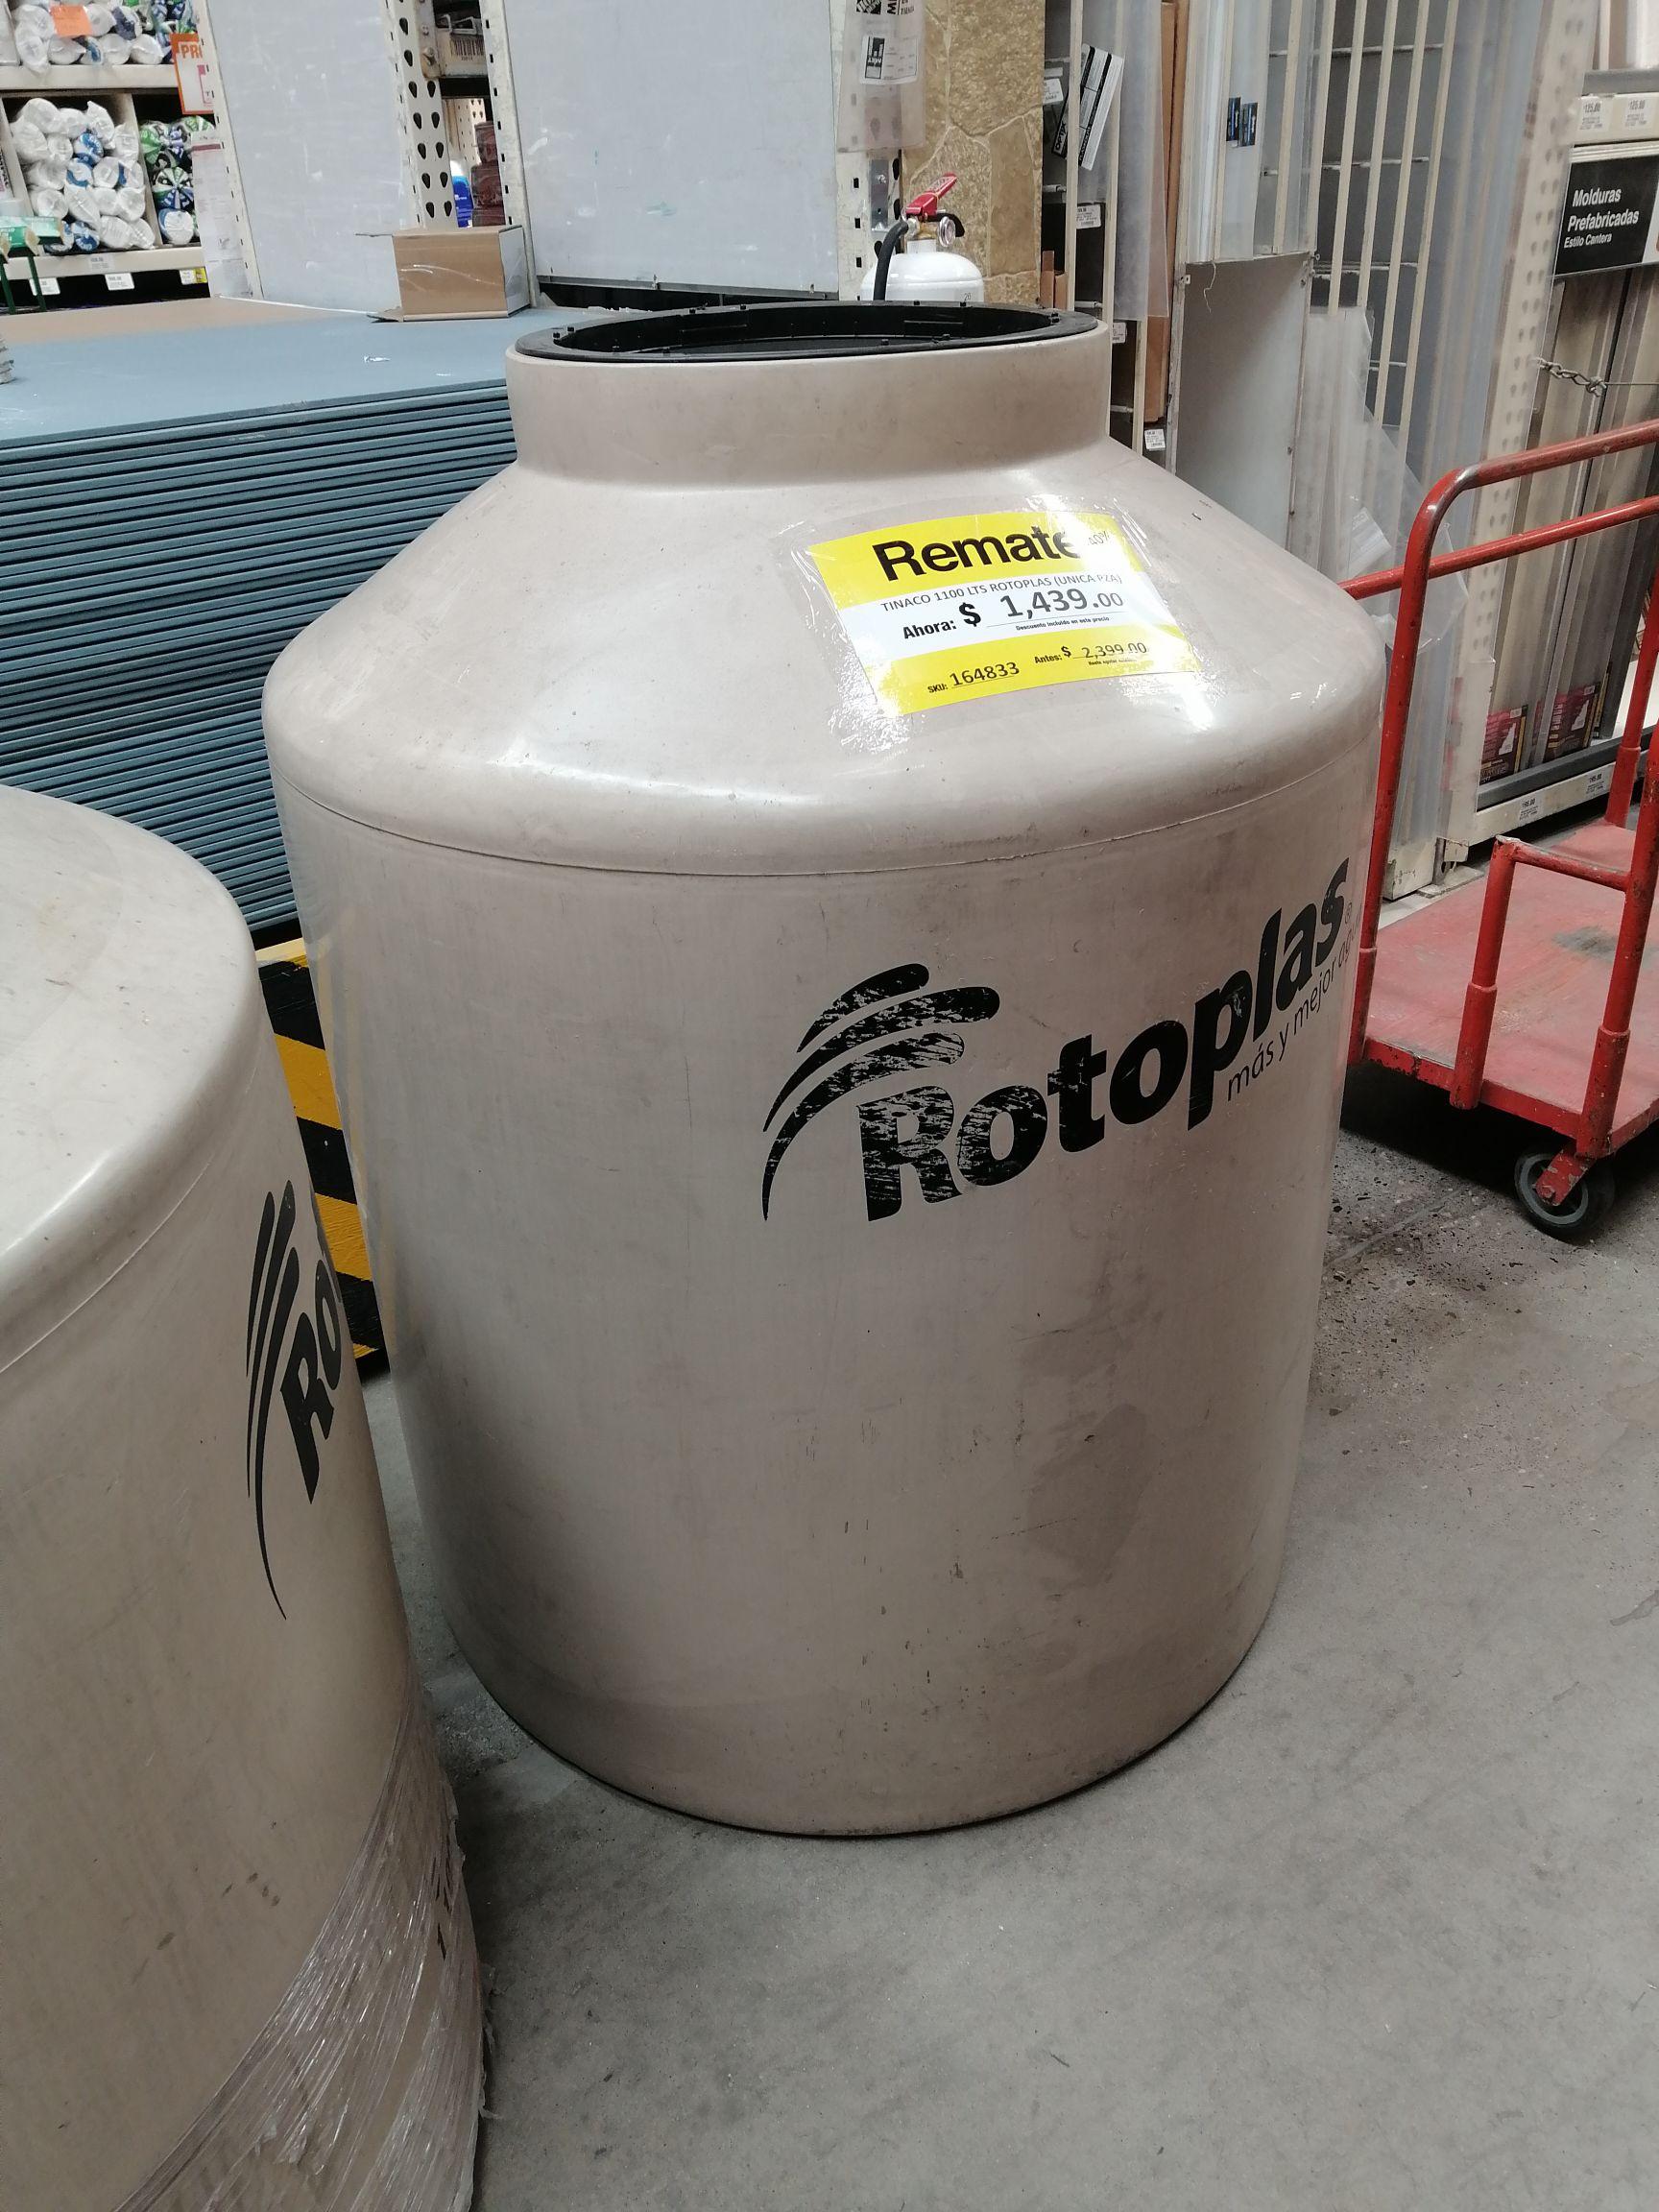 Home Depot Tinaco rotoplas 1,100 L y Combo urrea wc